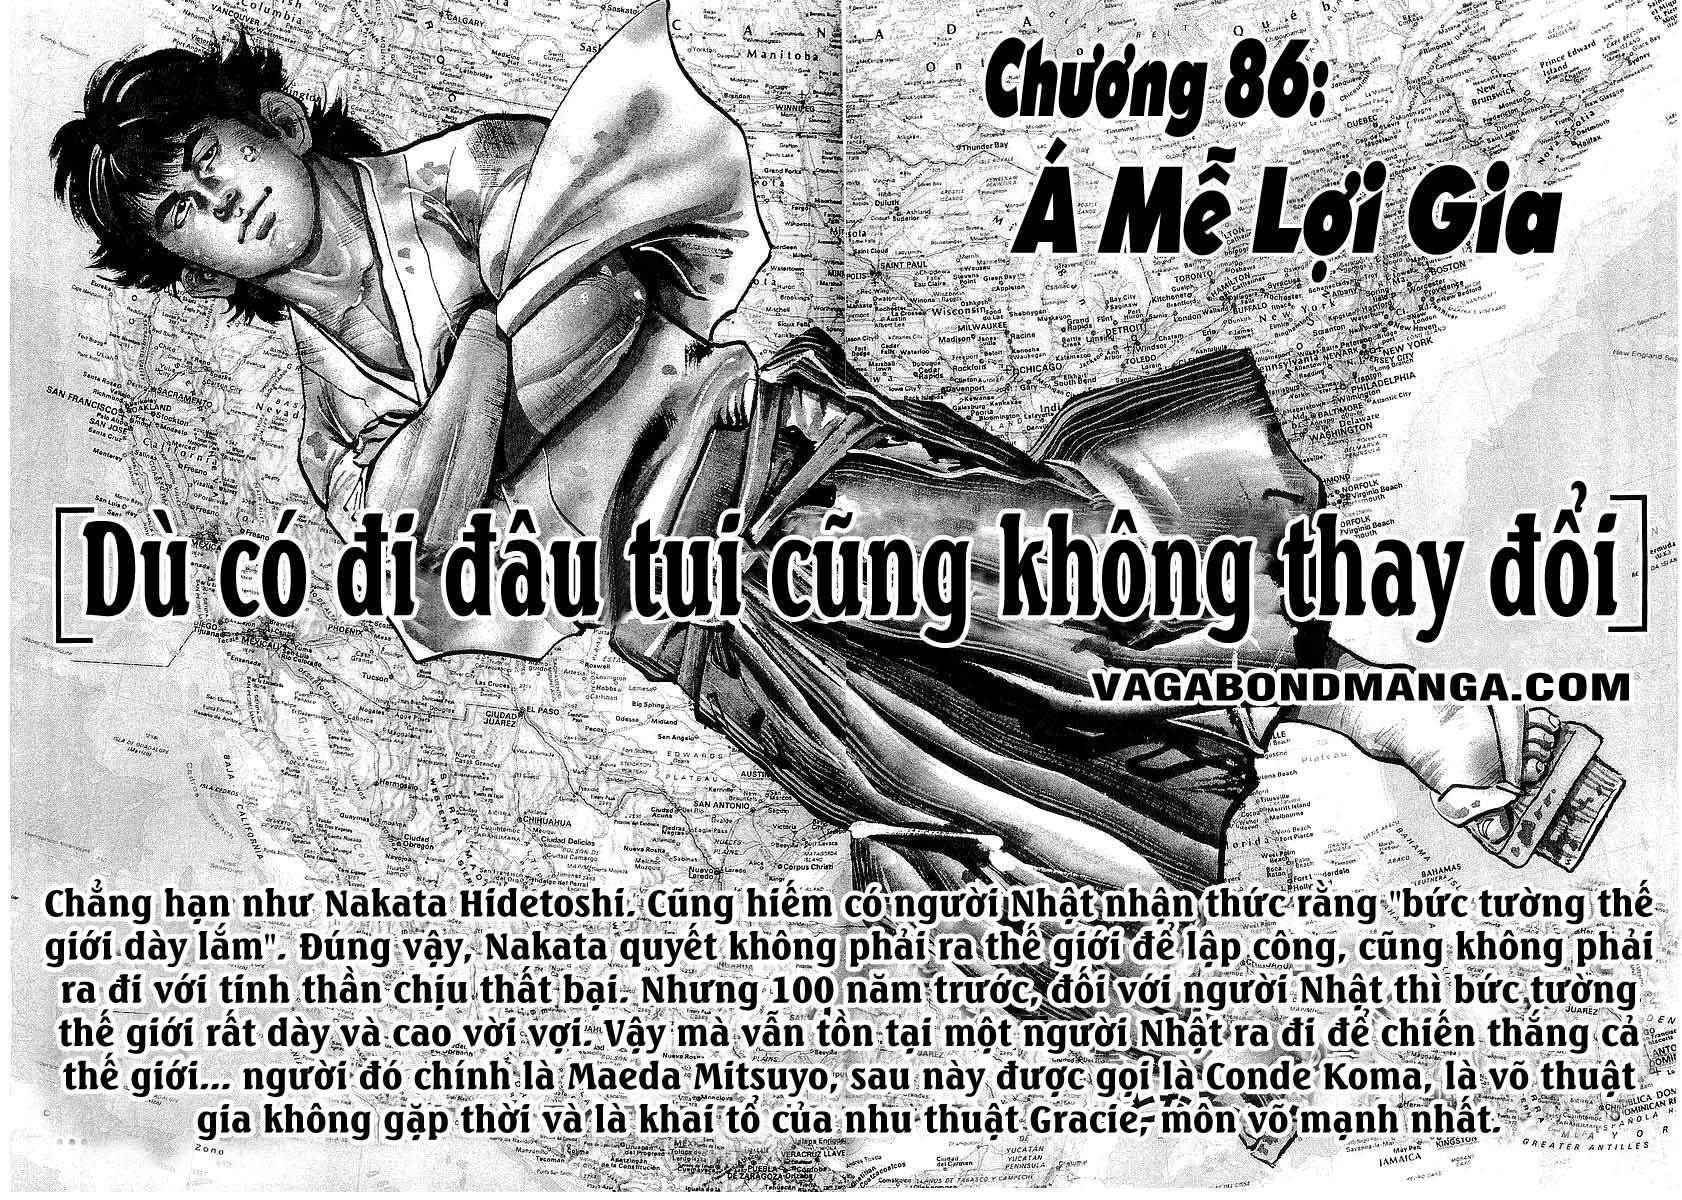 Conde Koma Chap 86 - Next Chap 87